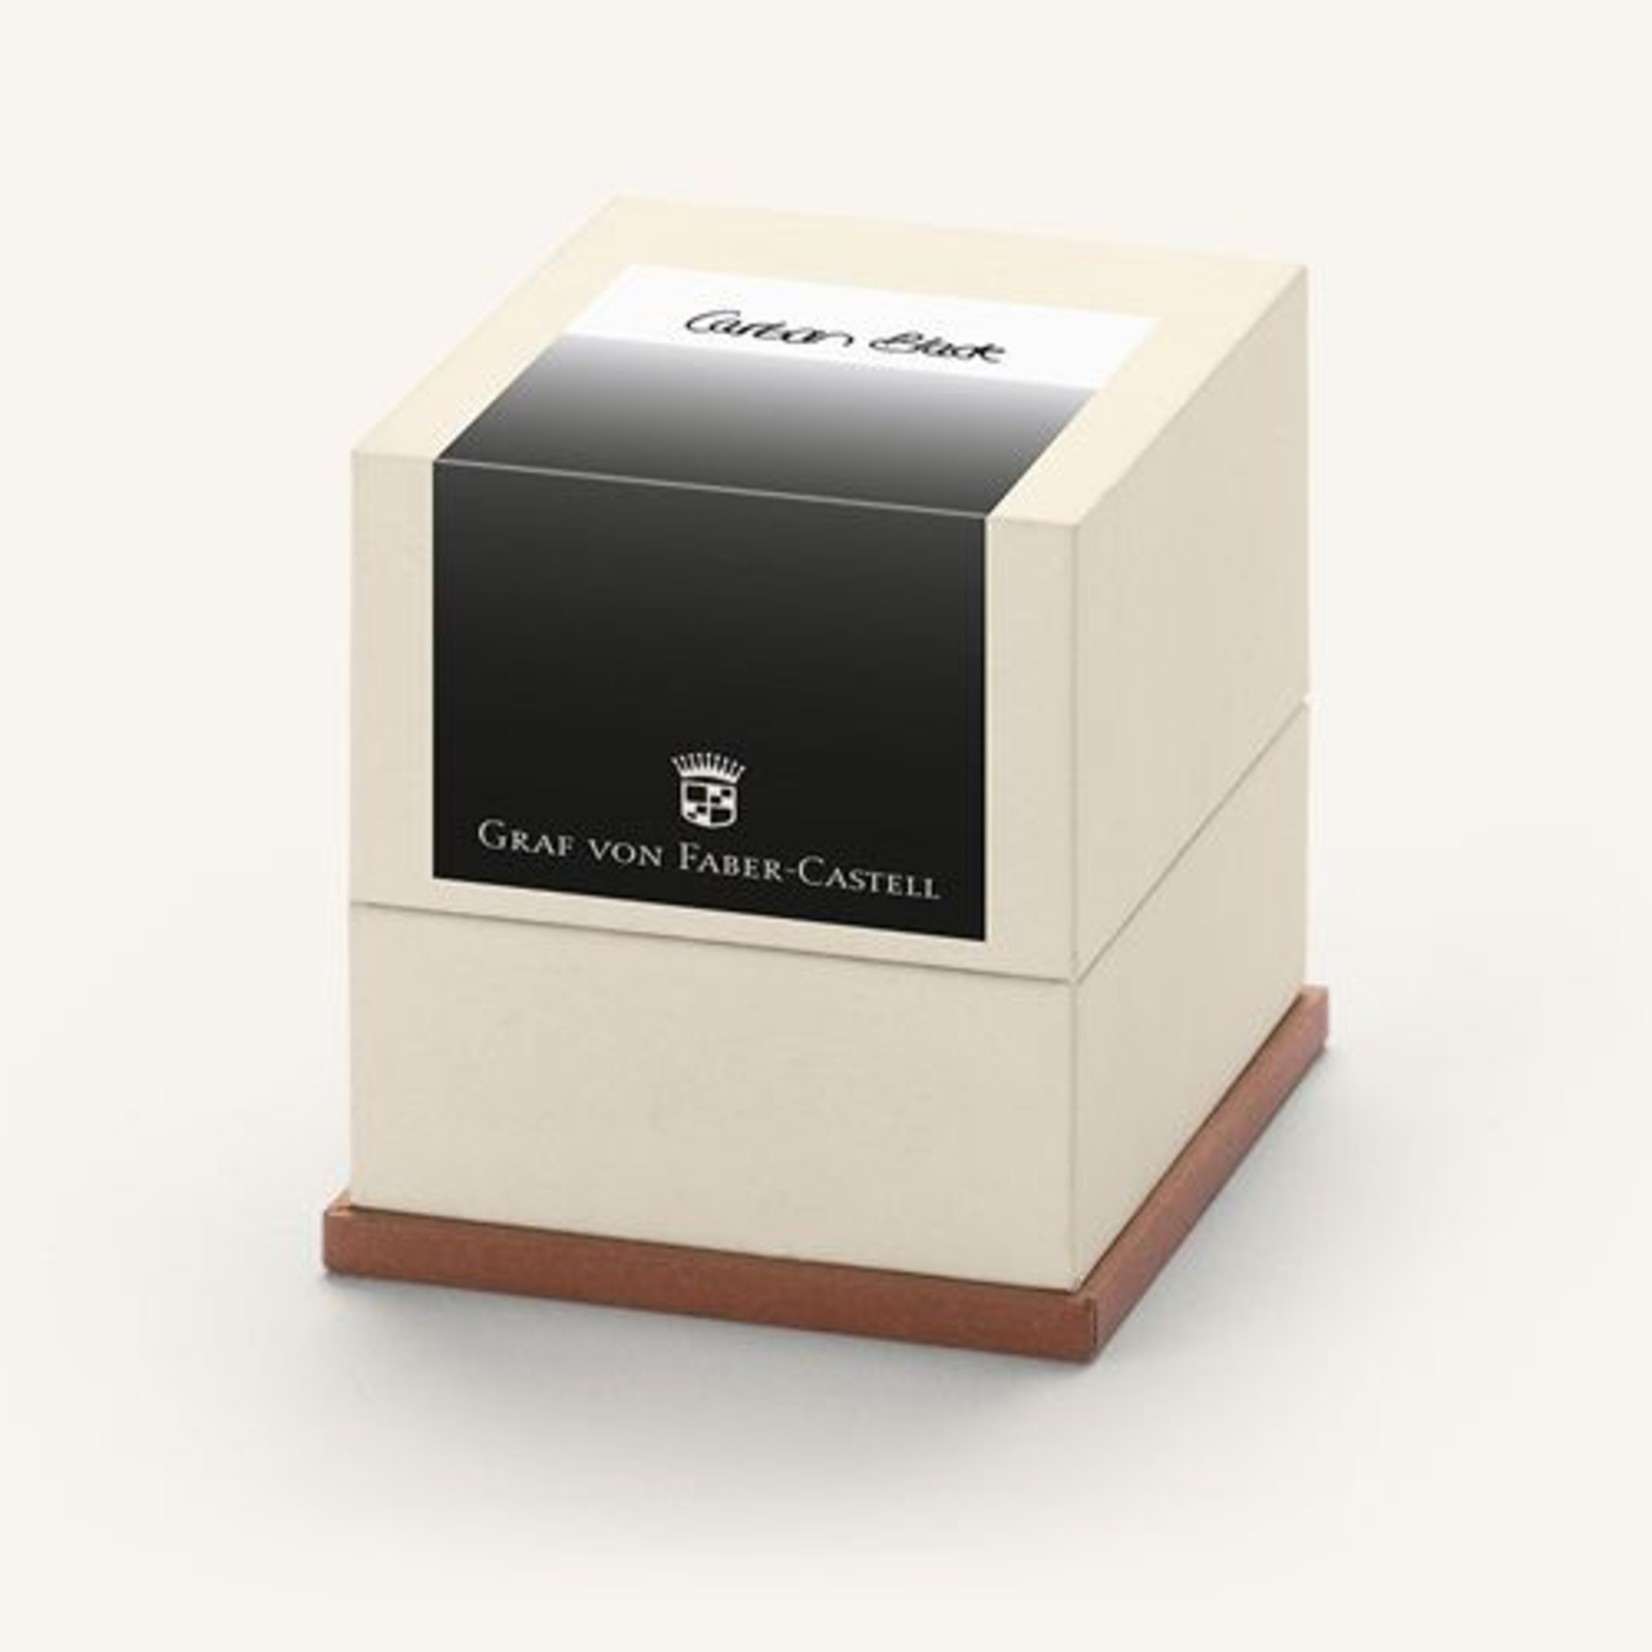 Graf von Faber-Castell Tintenpatronen Geschenkpackung Carbon Black 20x